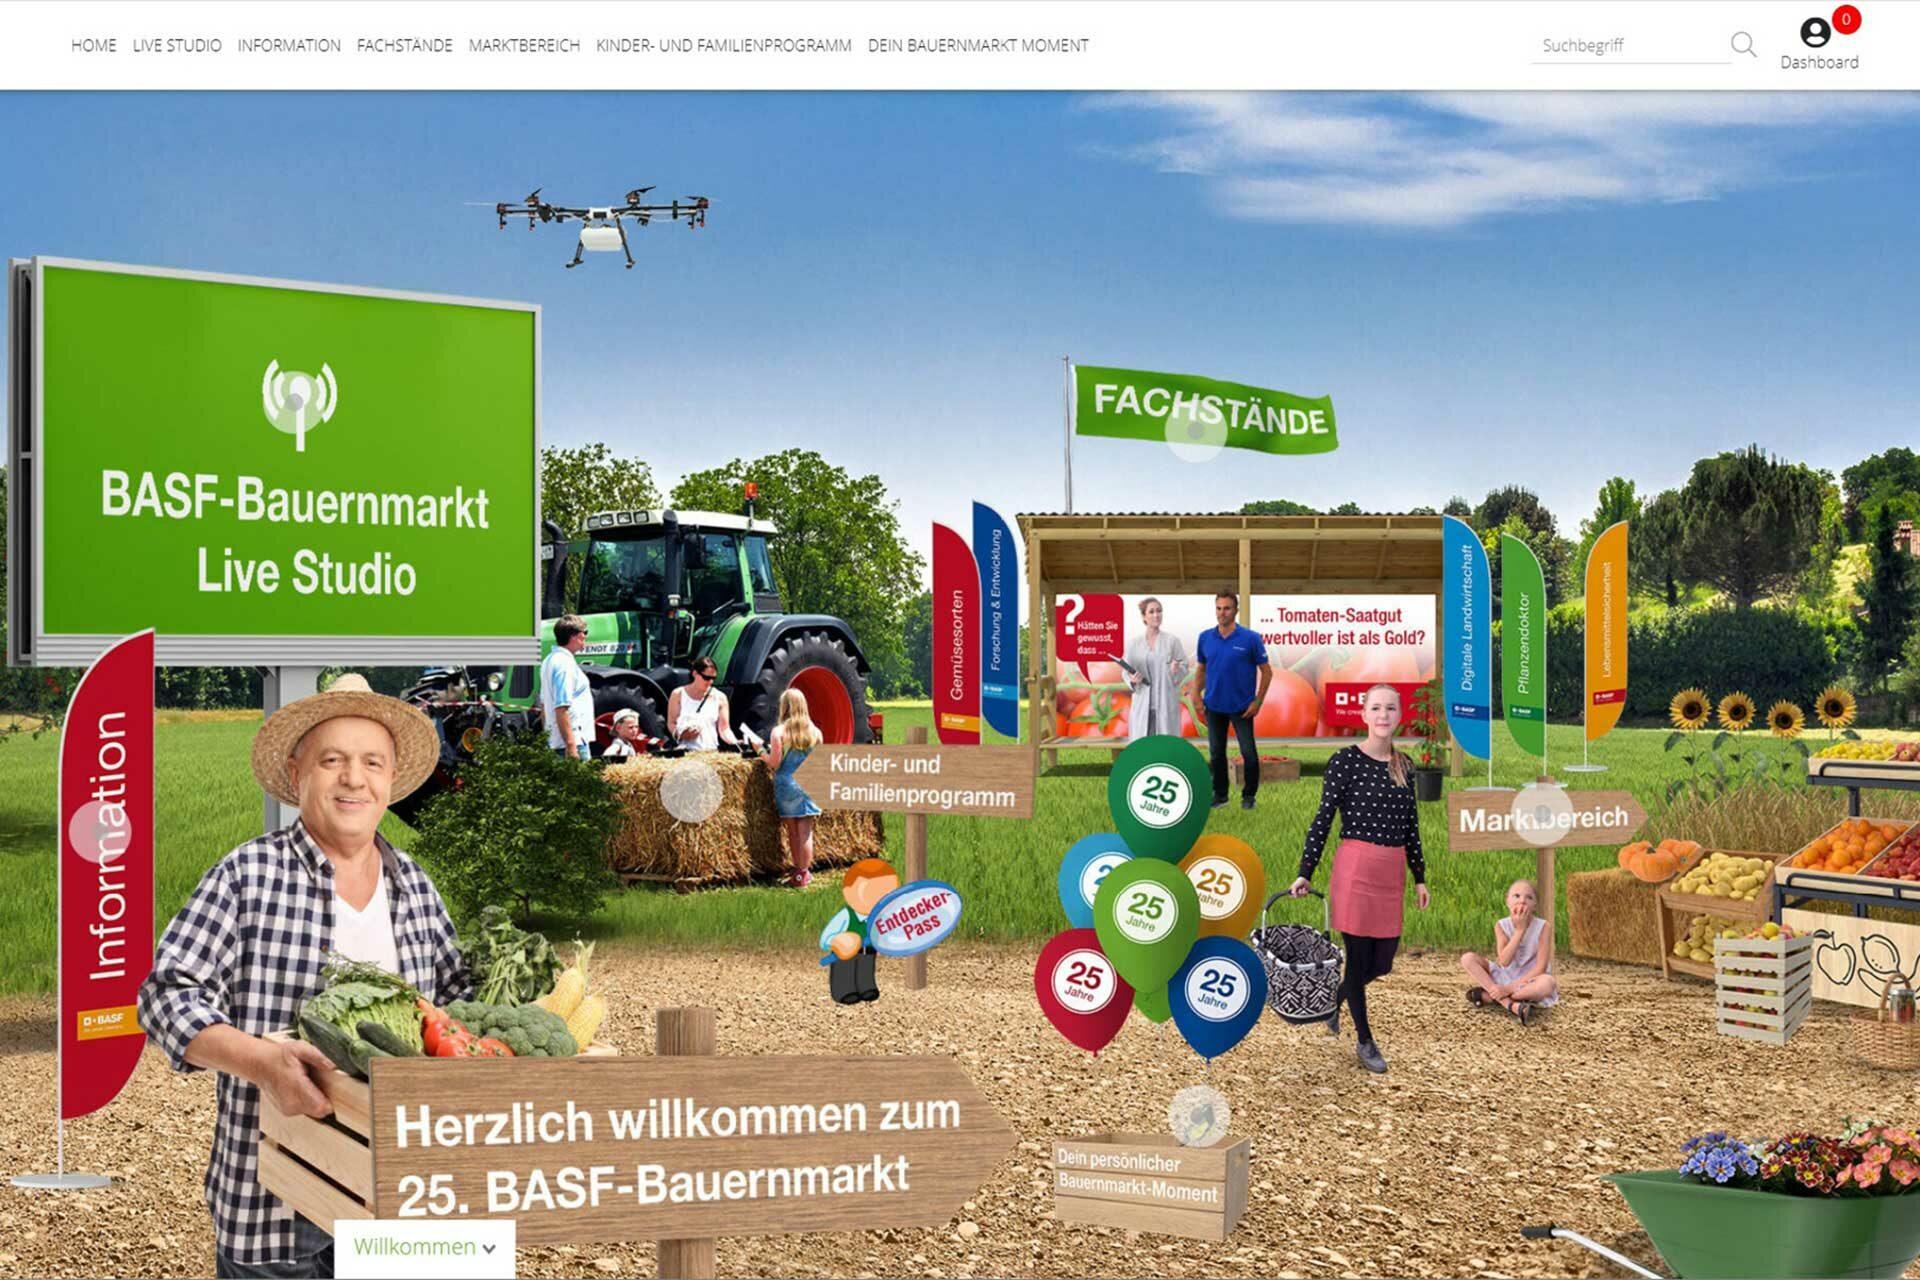 Agentur Ressmann   BASF-Bauernmarkt 9